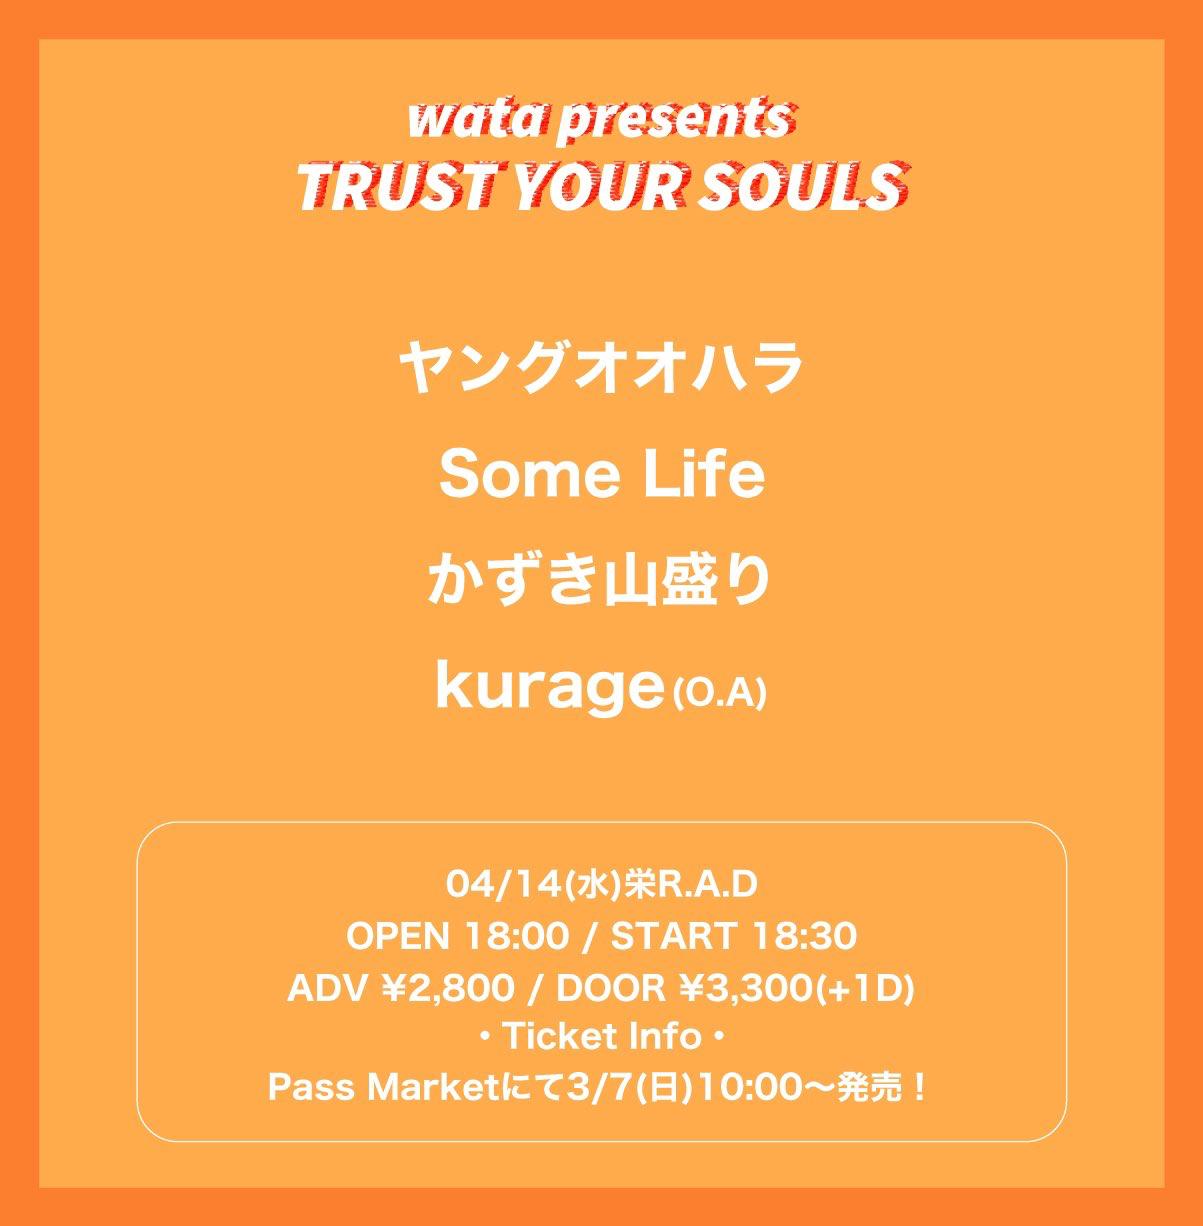 wata presents TRUST YOUR SOULS